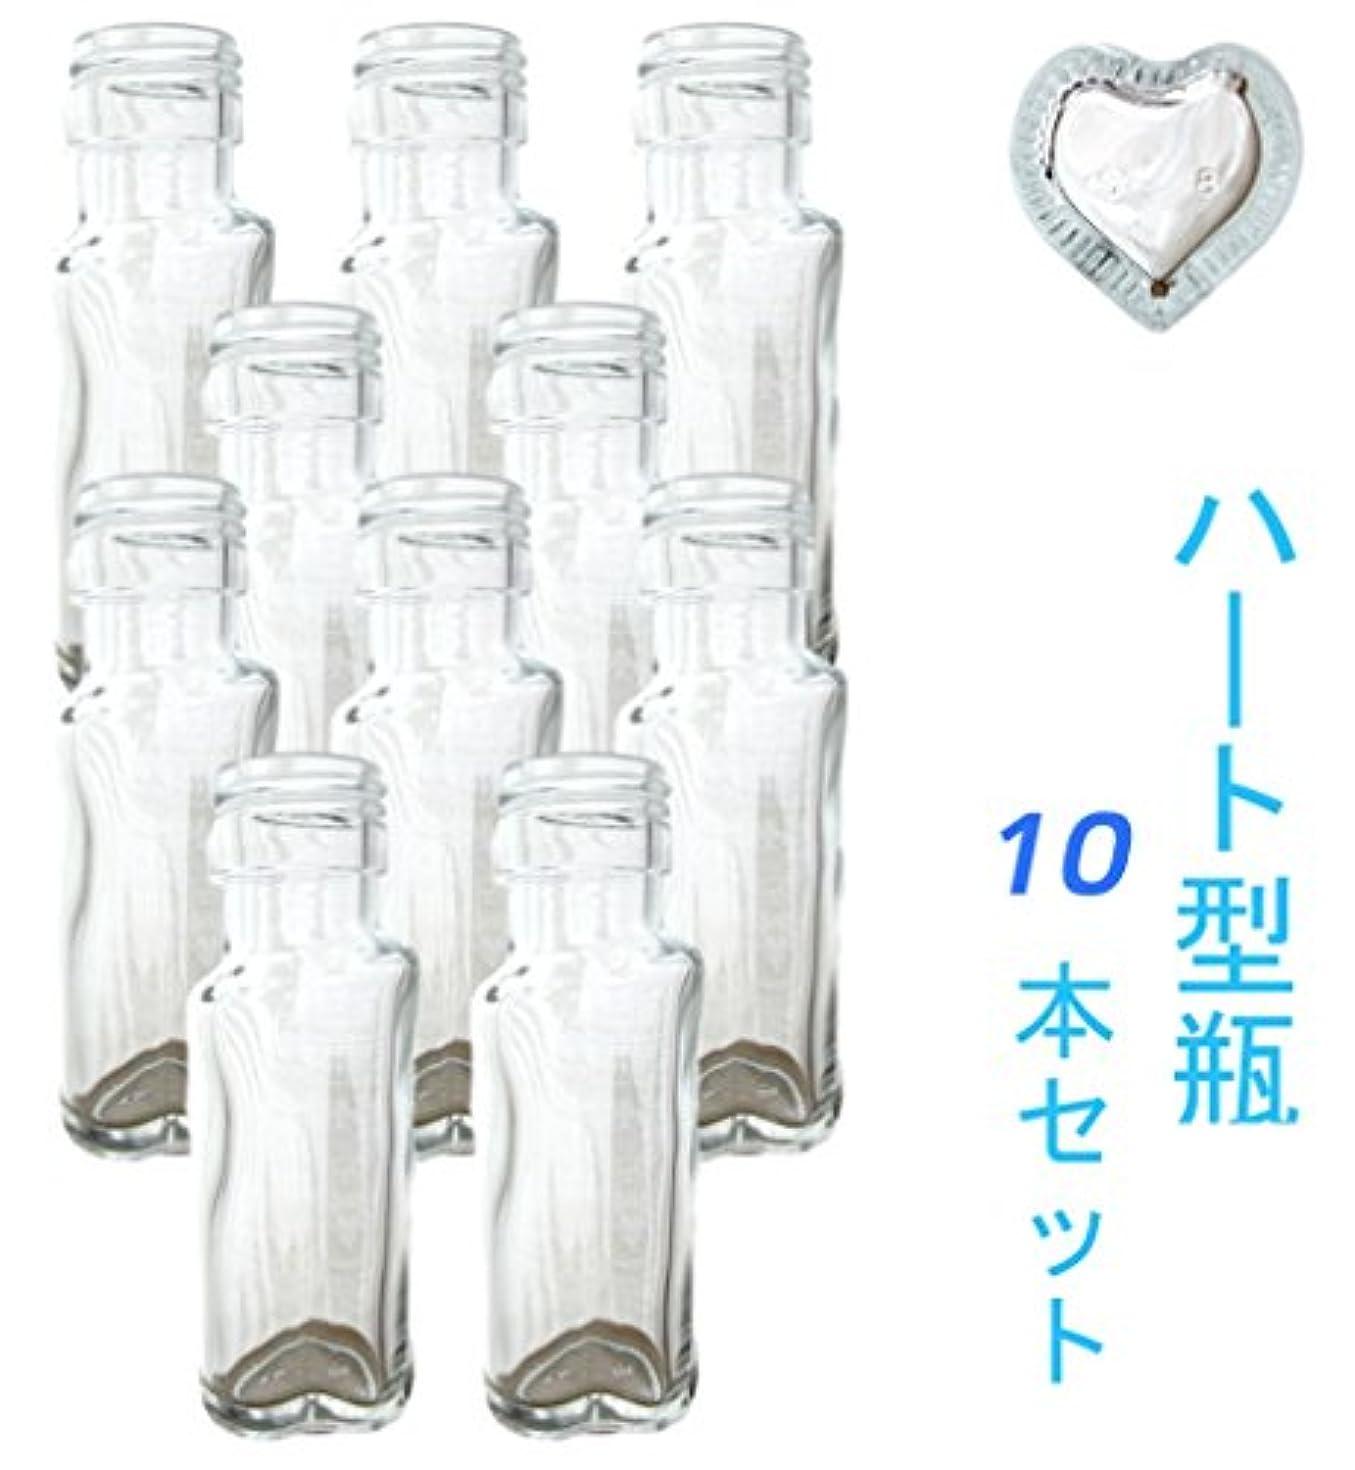 エチケットカバーエール(ジャストユーズ)JustU's 日本製 ポリ栓 中栓付きハート型ガラス瓶 10本セット 50cc 50ml アロマデュフューザー ハーバリウム 調味料 オイル タレ ドレッシング瓶 B10-SSH50A-A